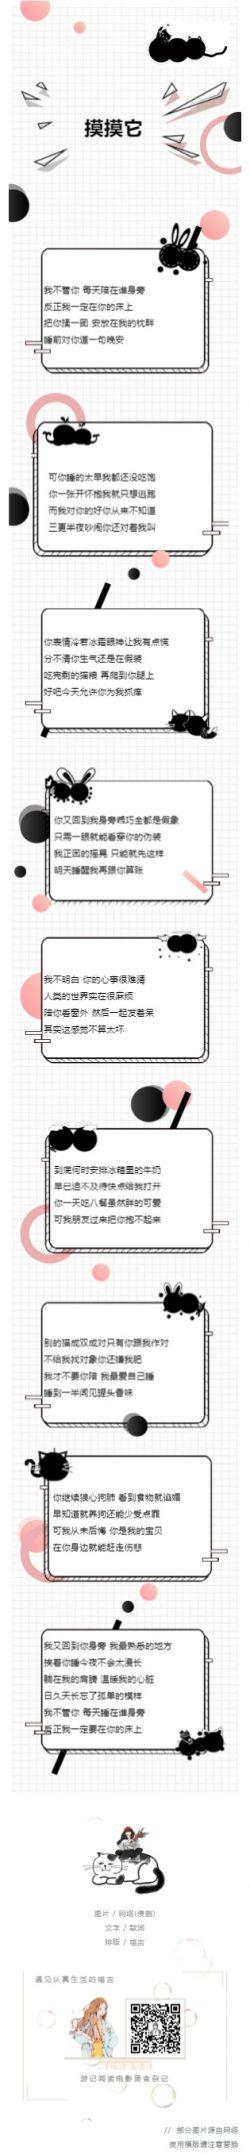 黑色可爱风格猫咪文章模板